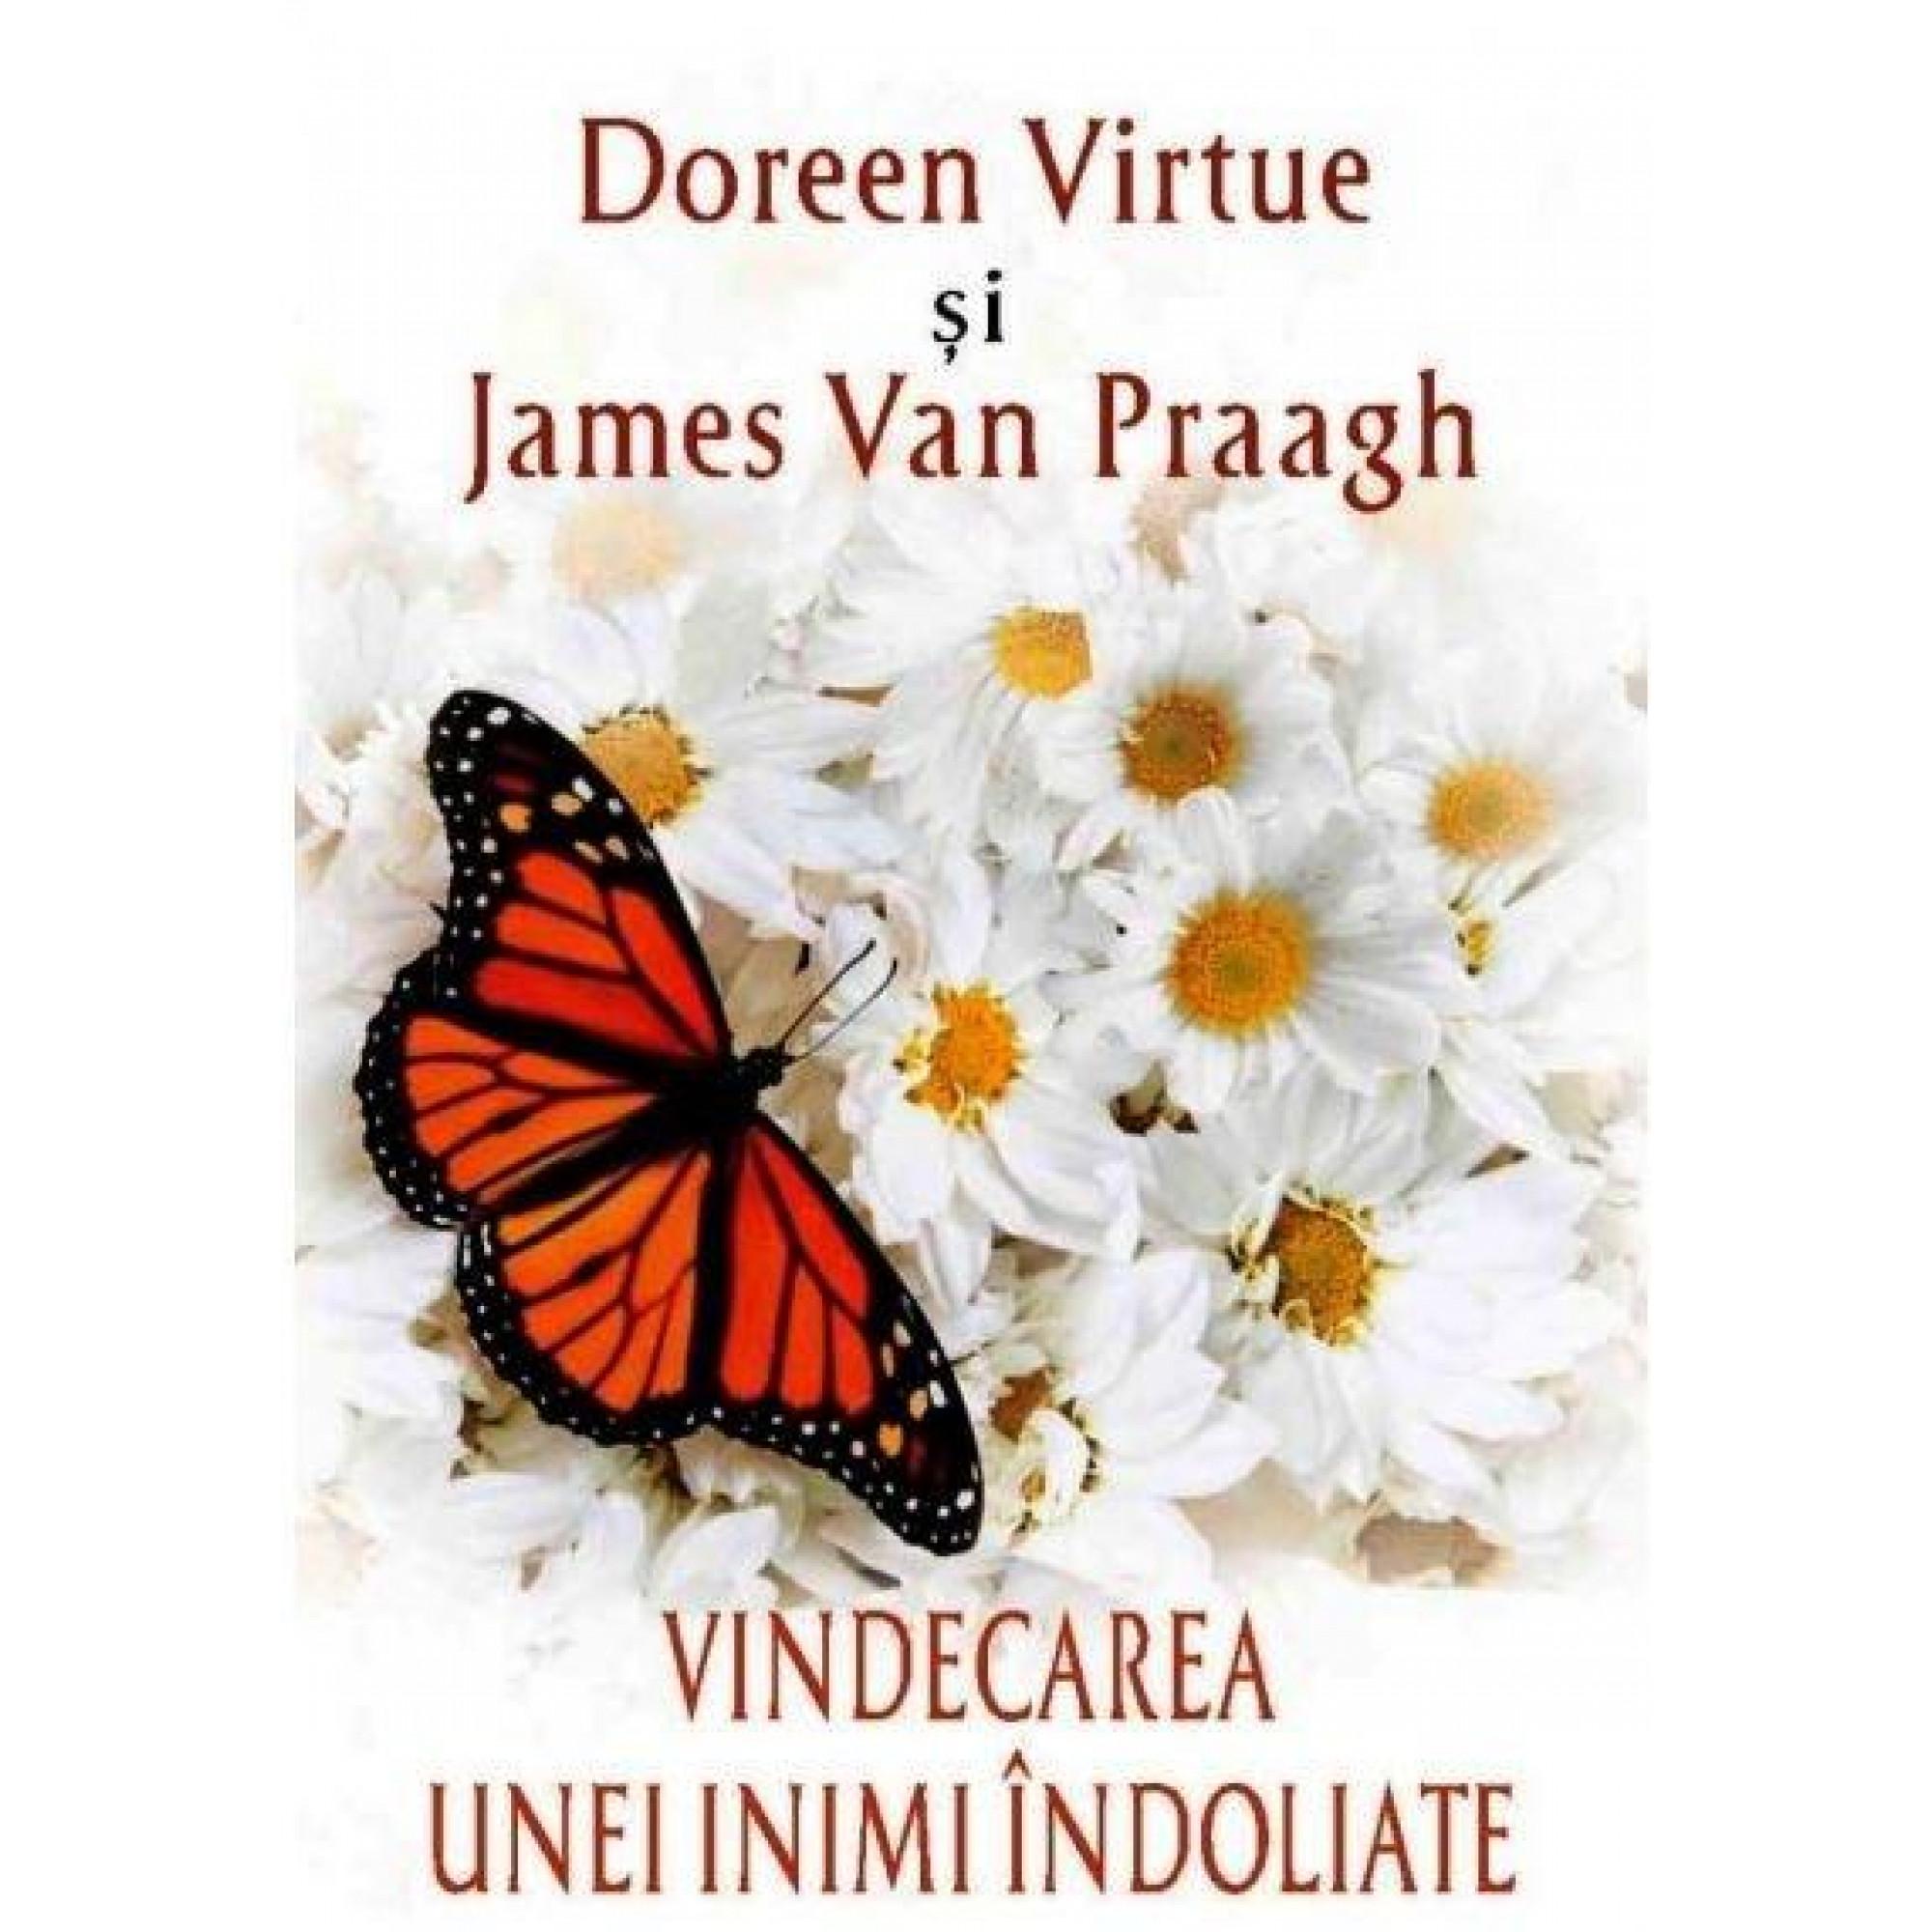 Vindecarea unei inimi îndoliate; Doreen Virtue, James van Praagh